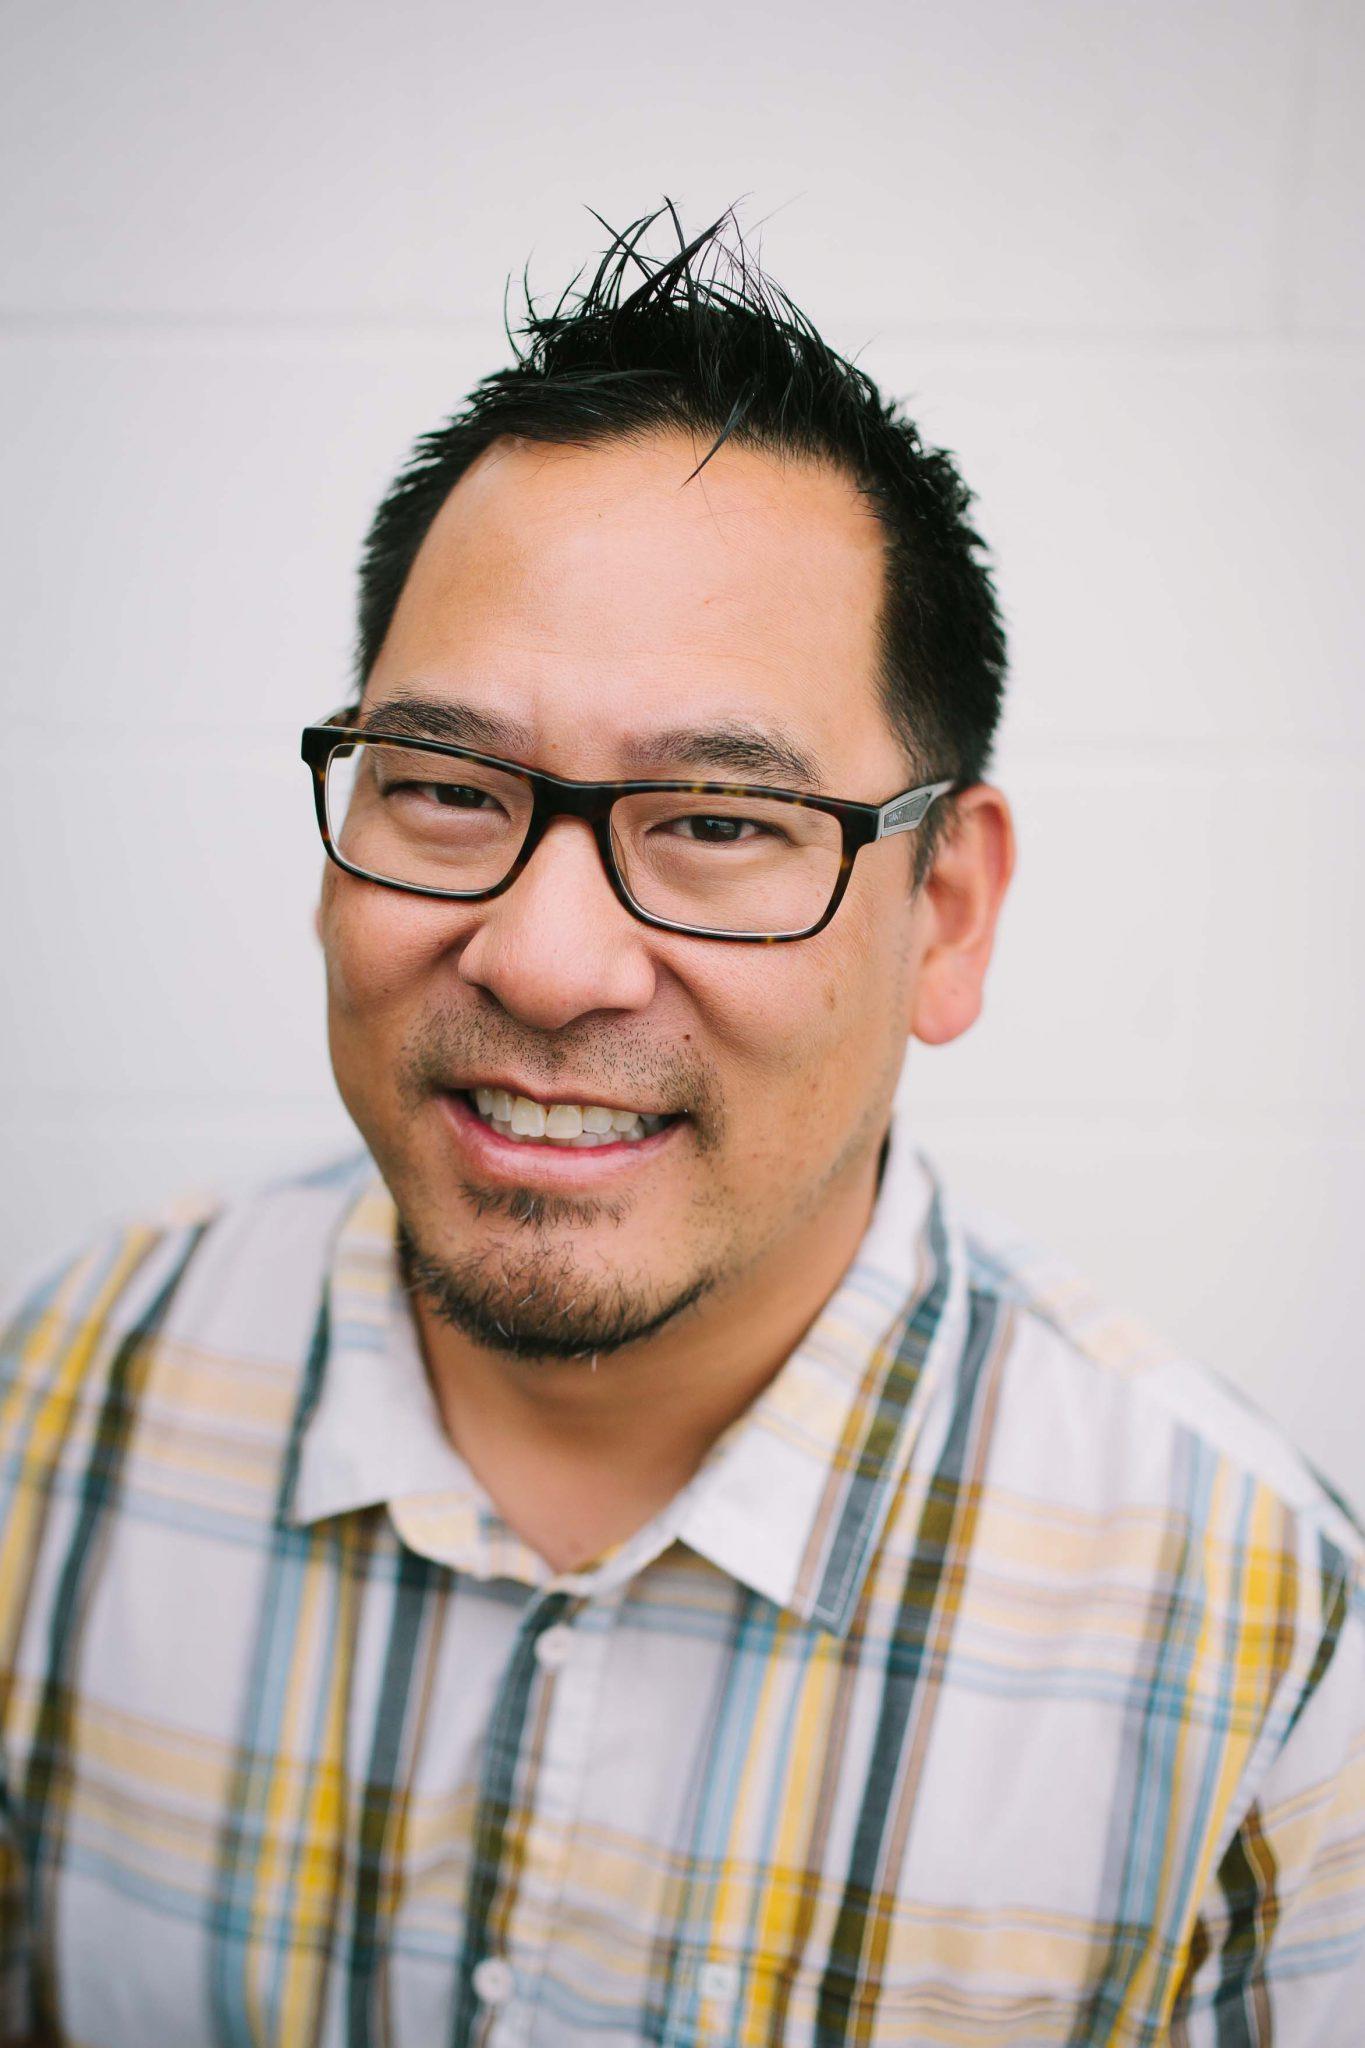 David Misumi